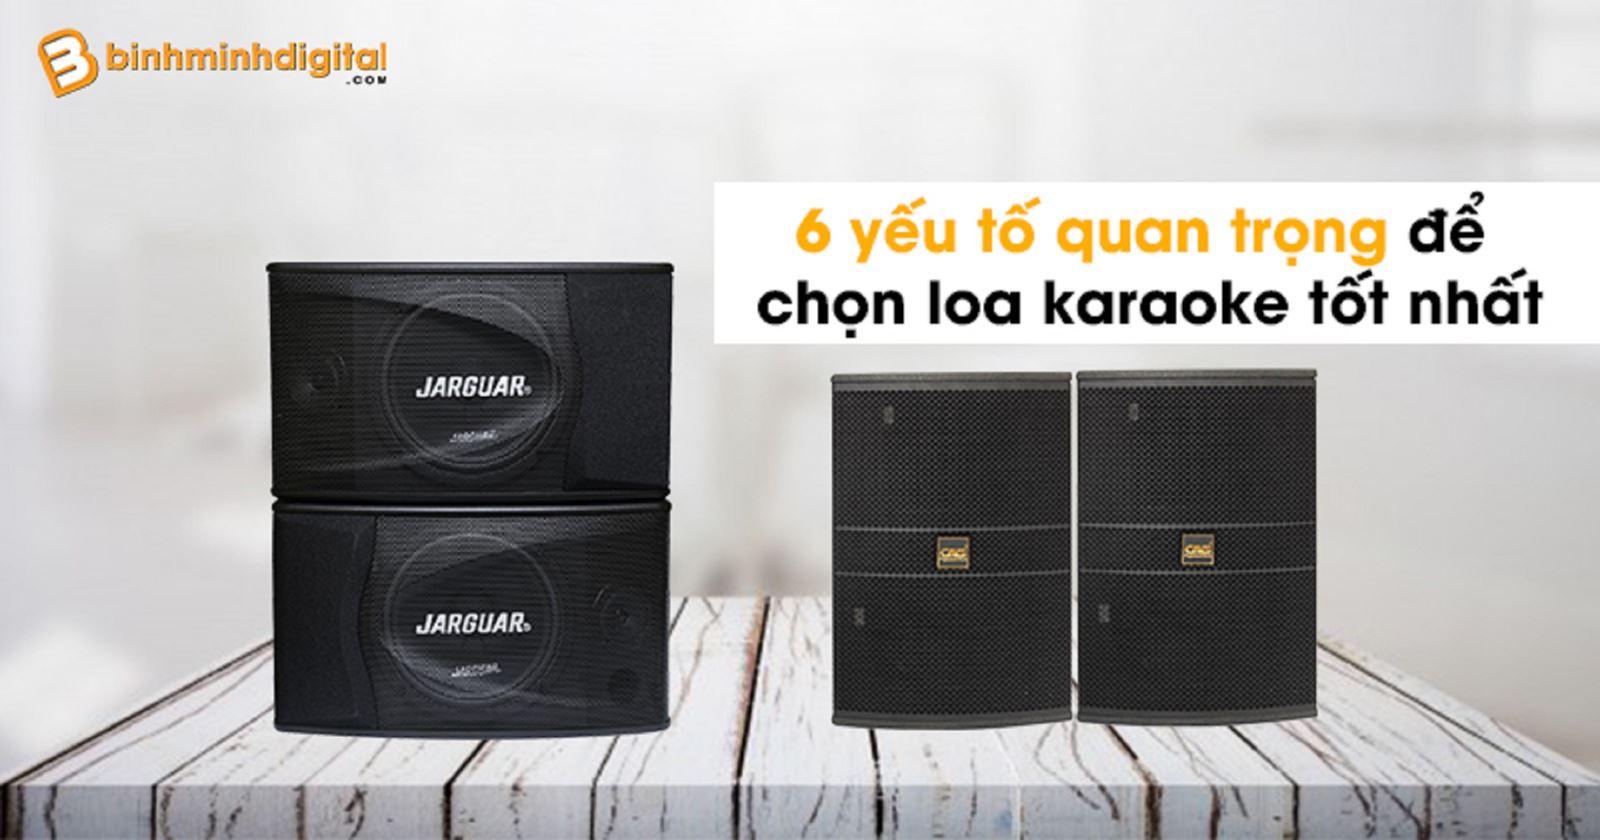 6 yếu tốquan trọng để chọn loa karaoke tốt nhất